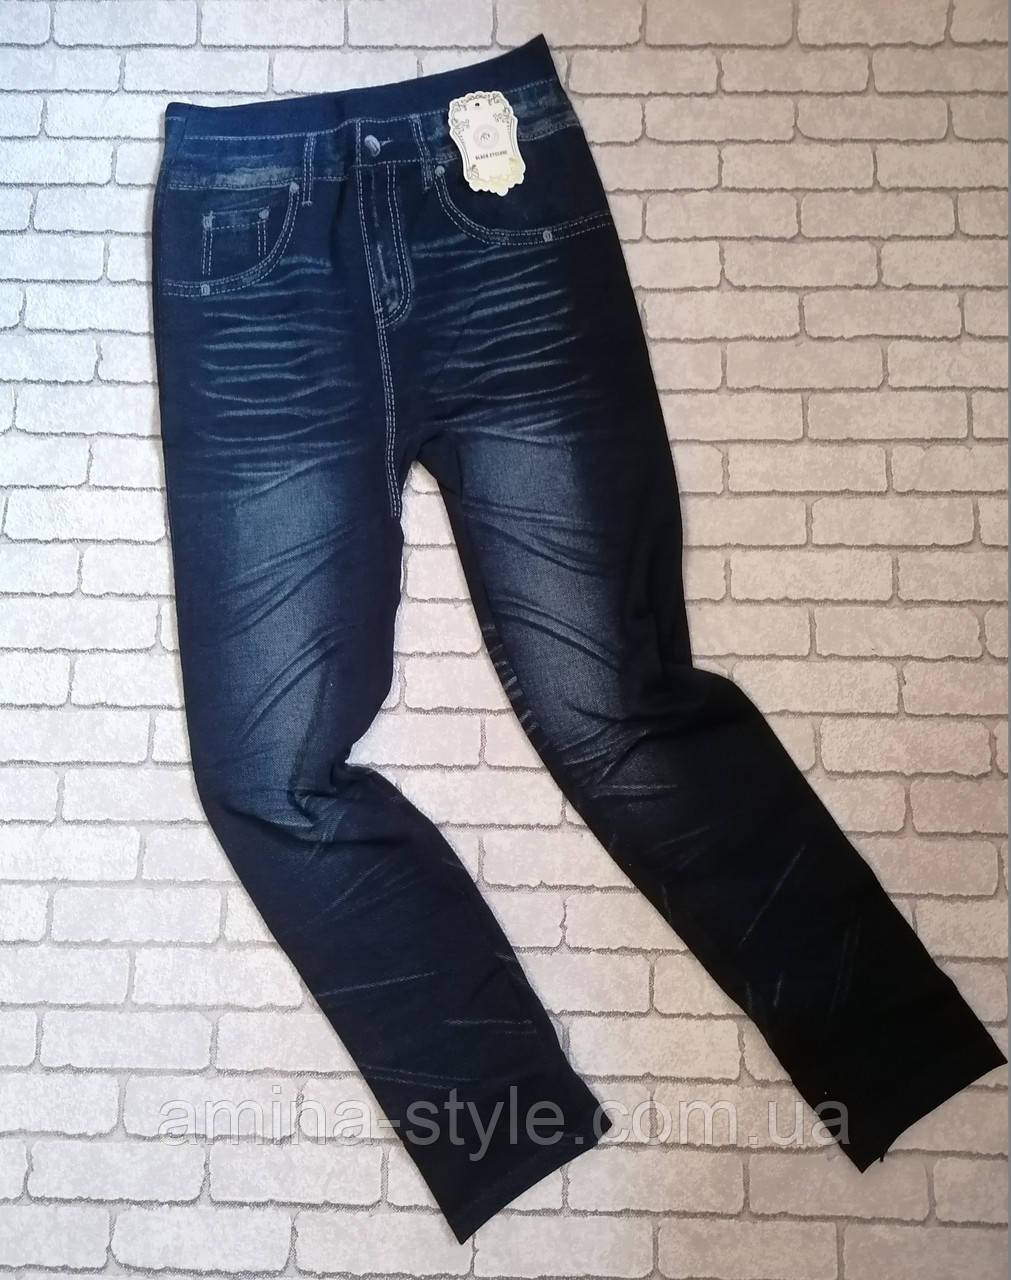 Лосины женские  под джинс на махре УТЕПЛЕННЫЕ, батал 52-58 размер